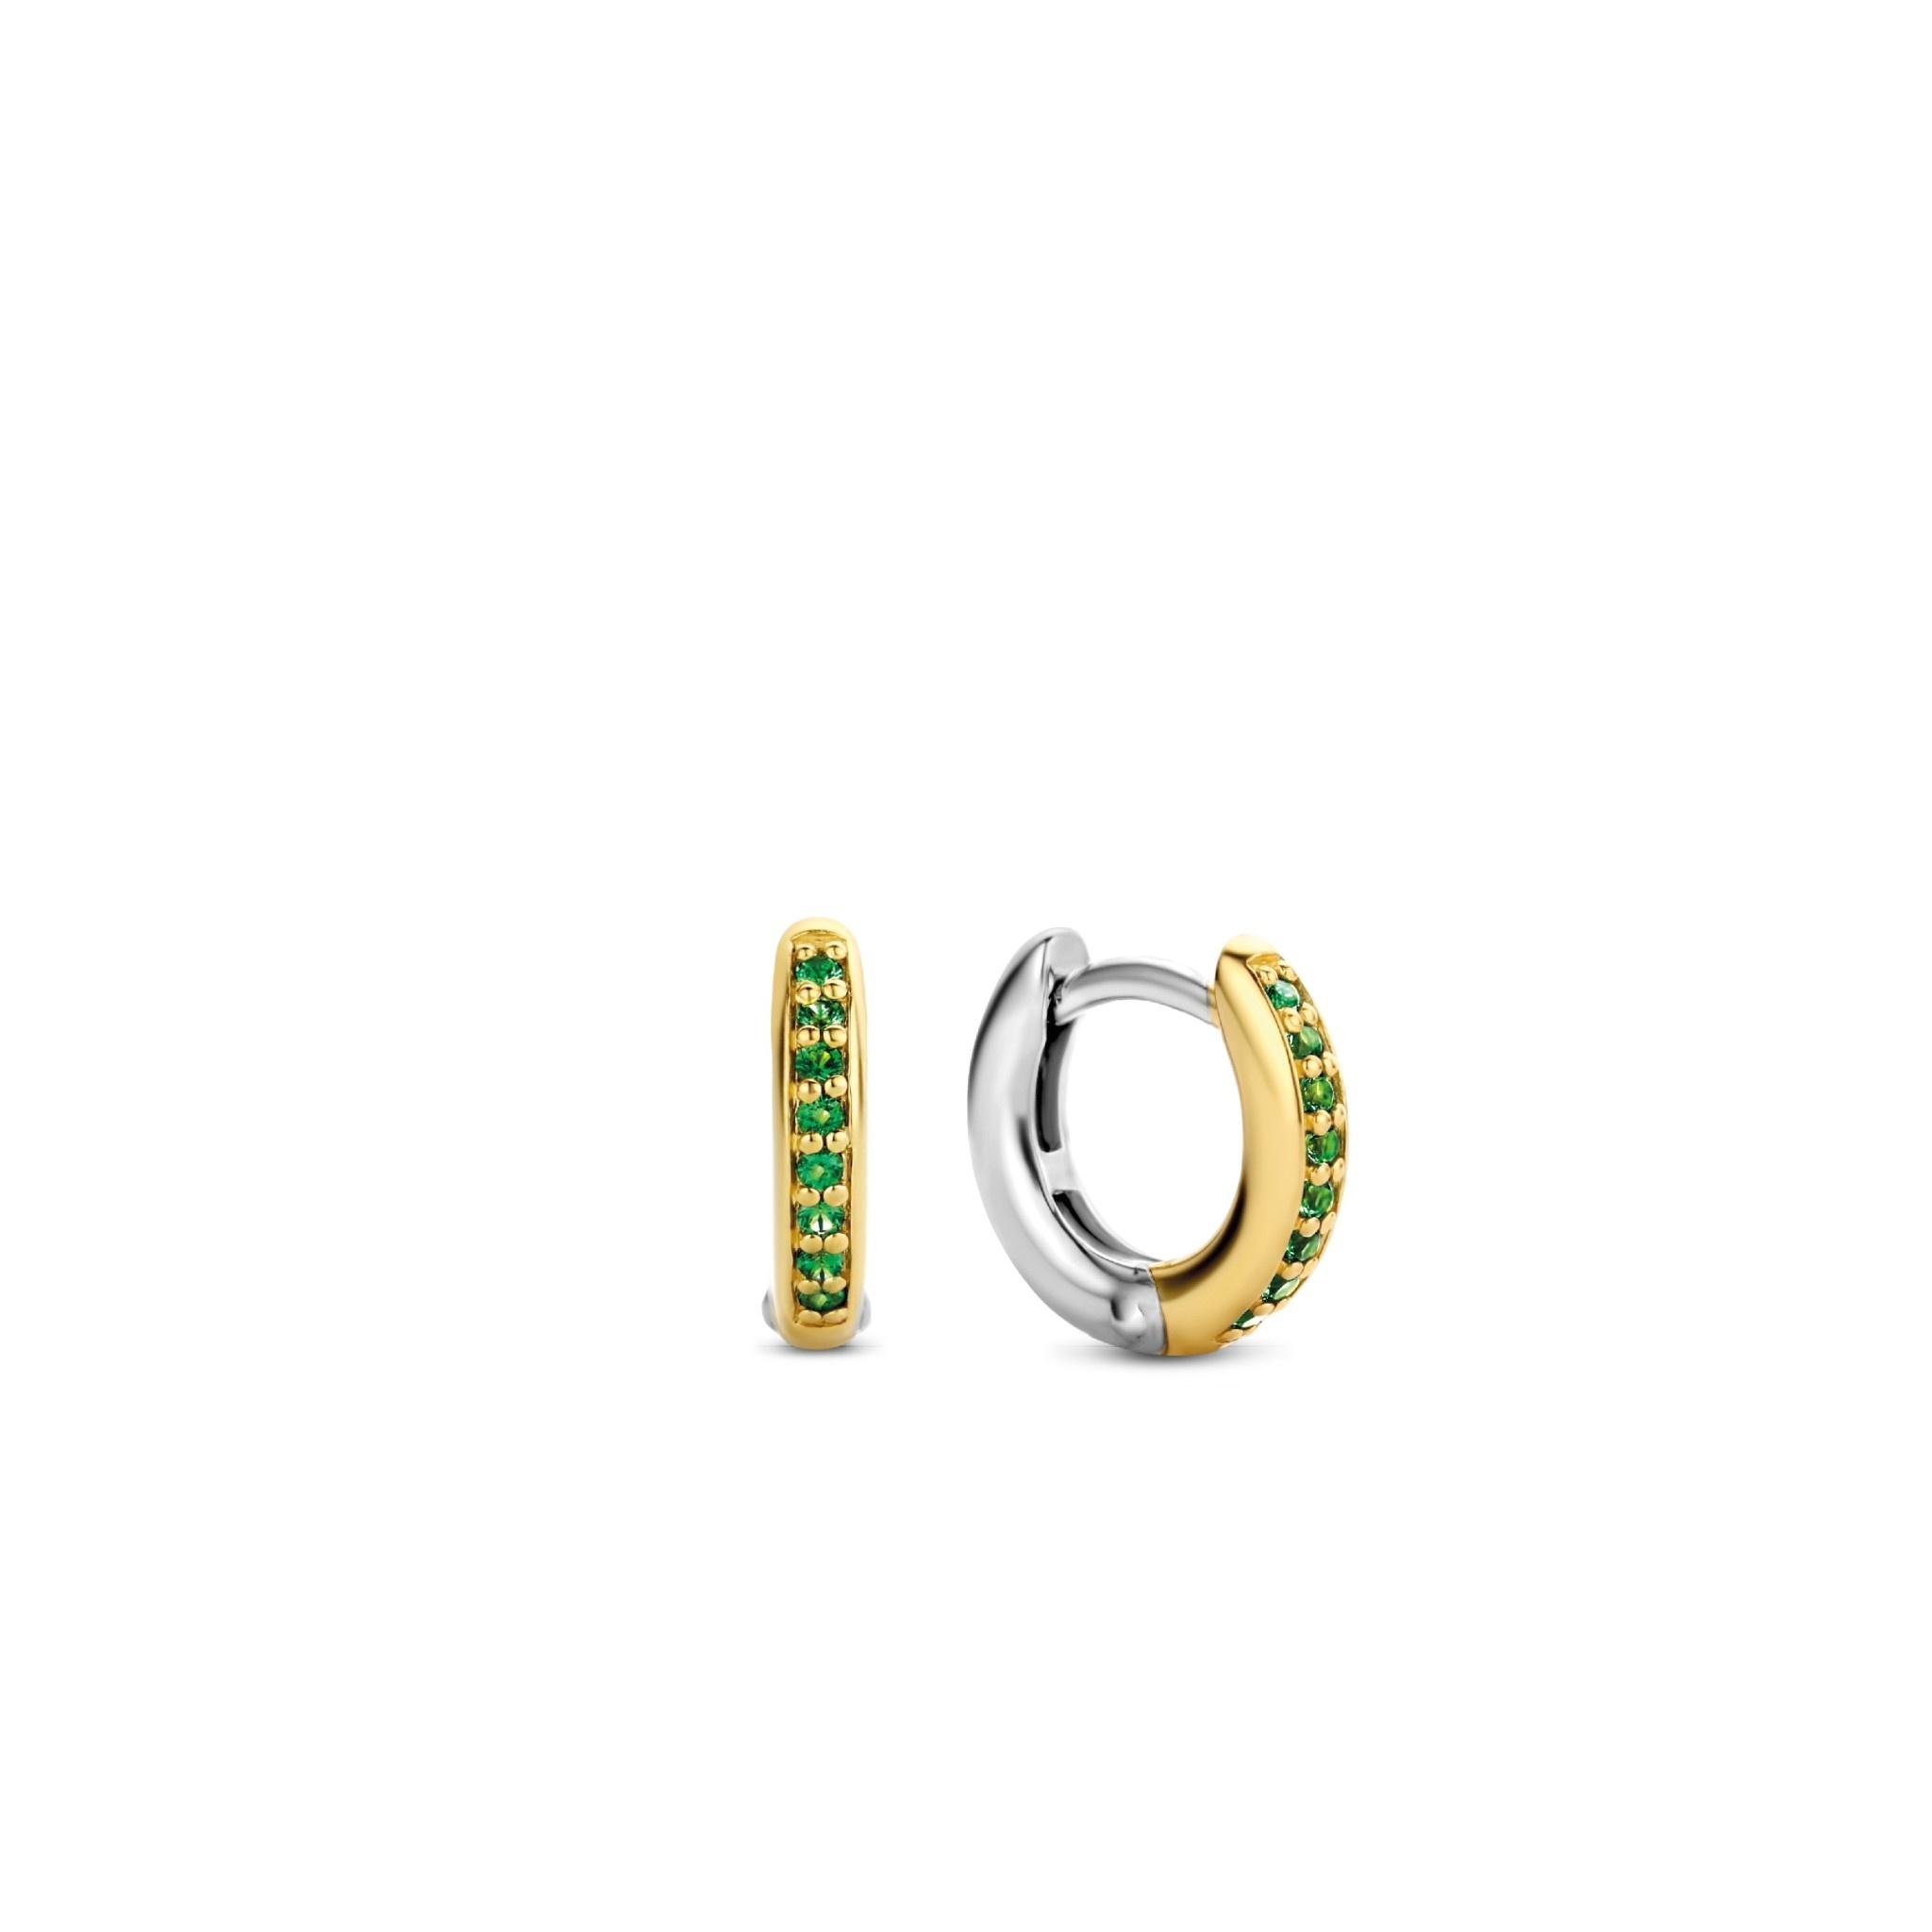 TI SENTO - Milano Earrings 7811EM-1